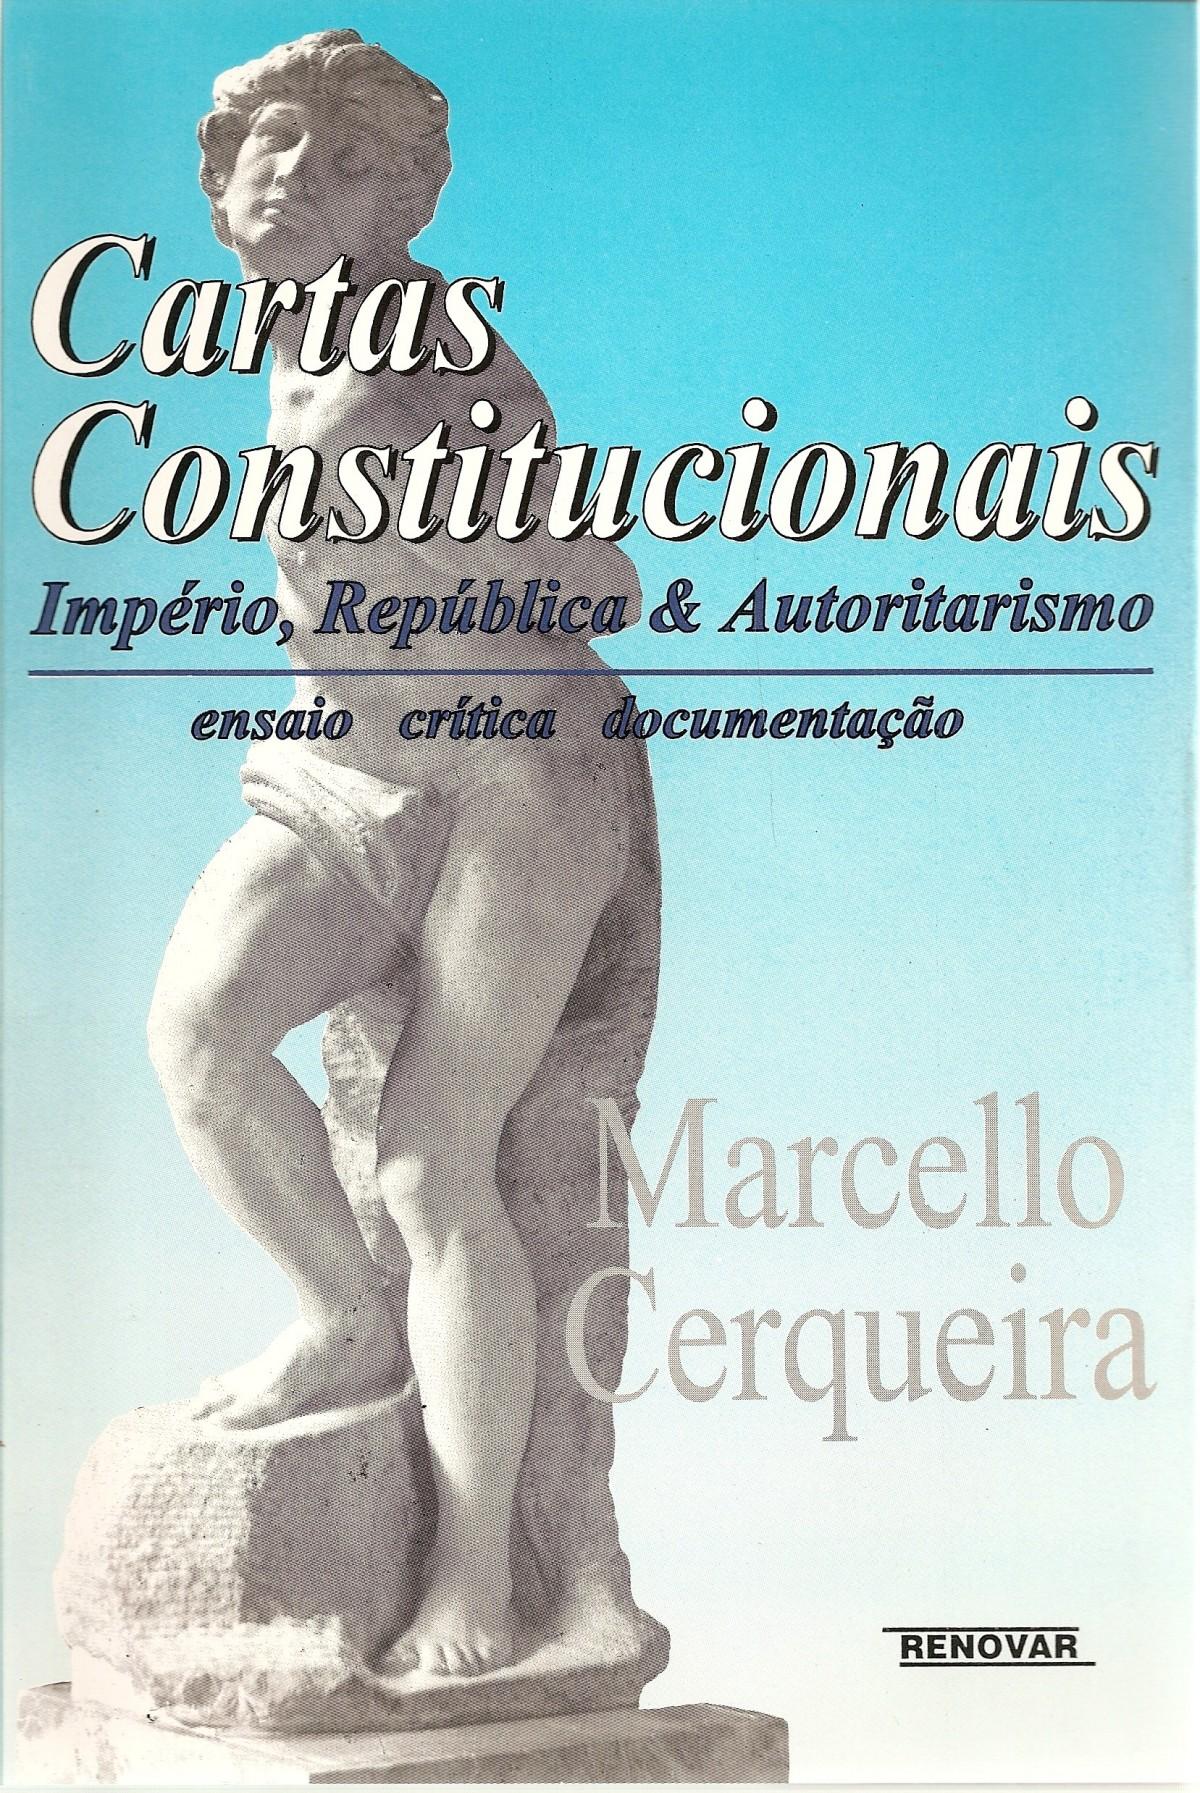 Foto 1 - Cartas Constitucionais: Império, República & Autoritarismo